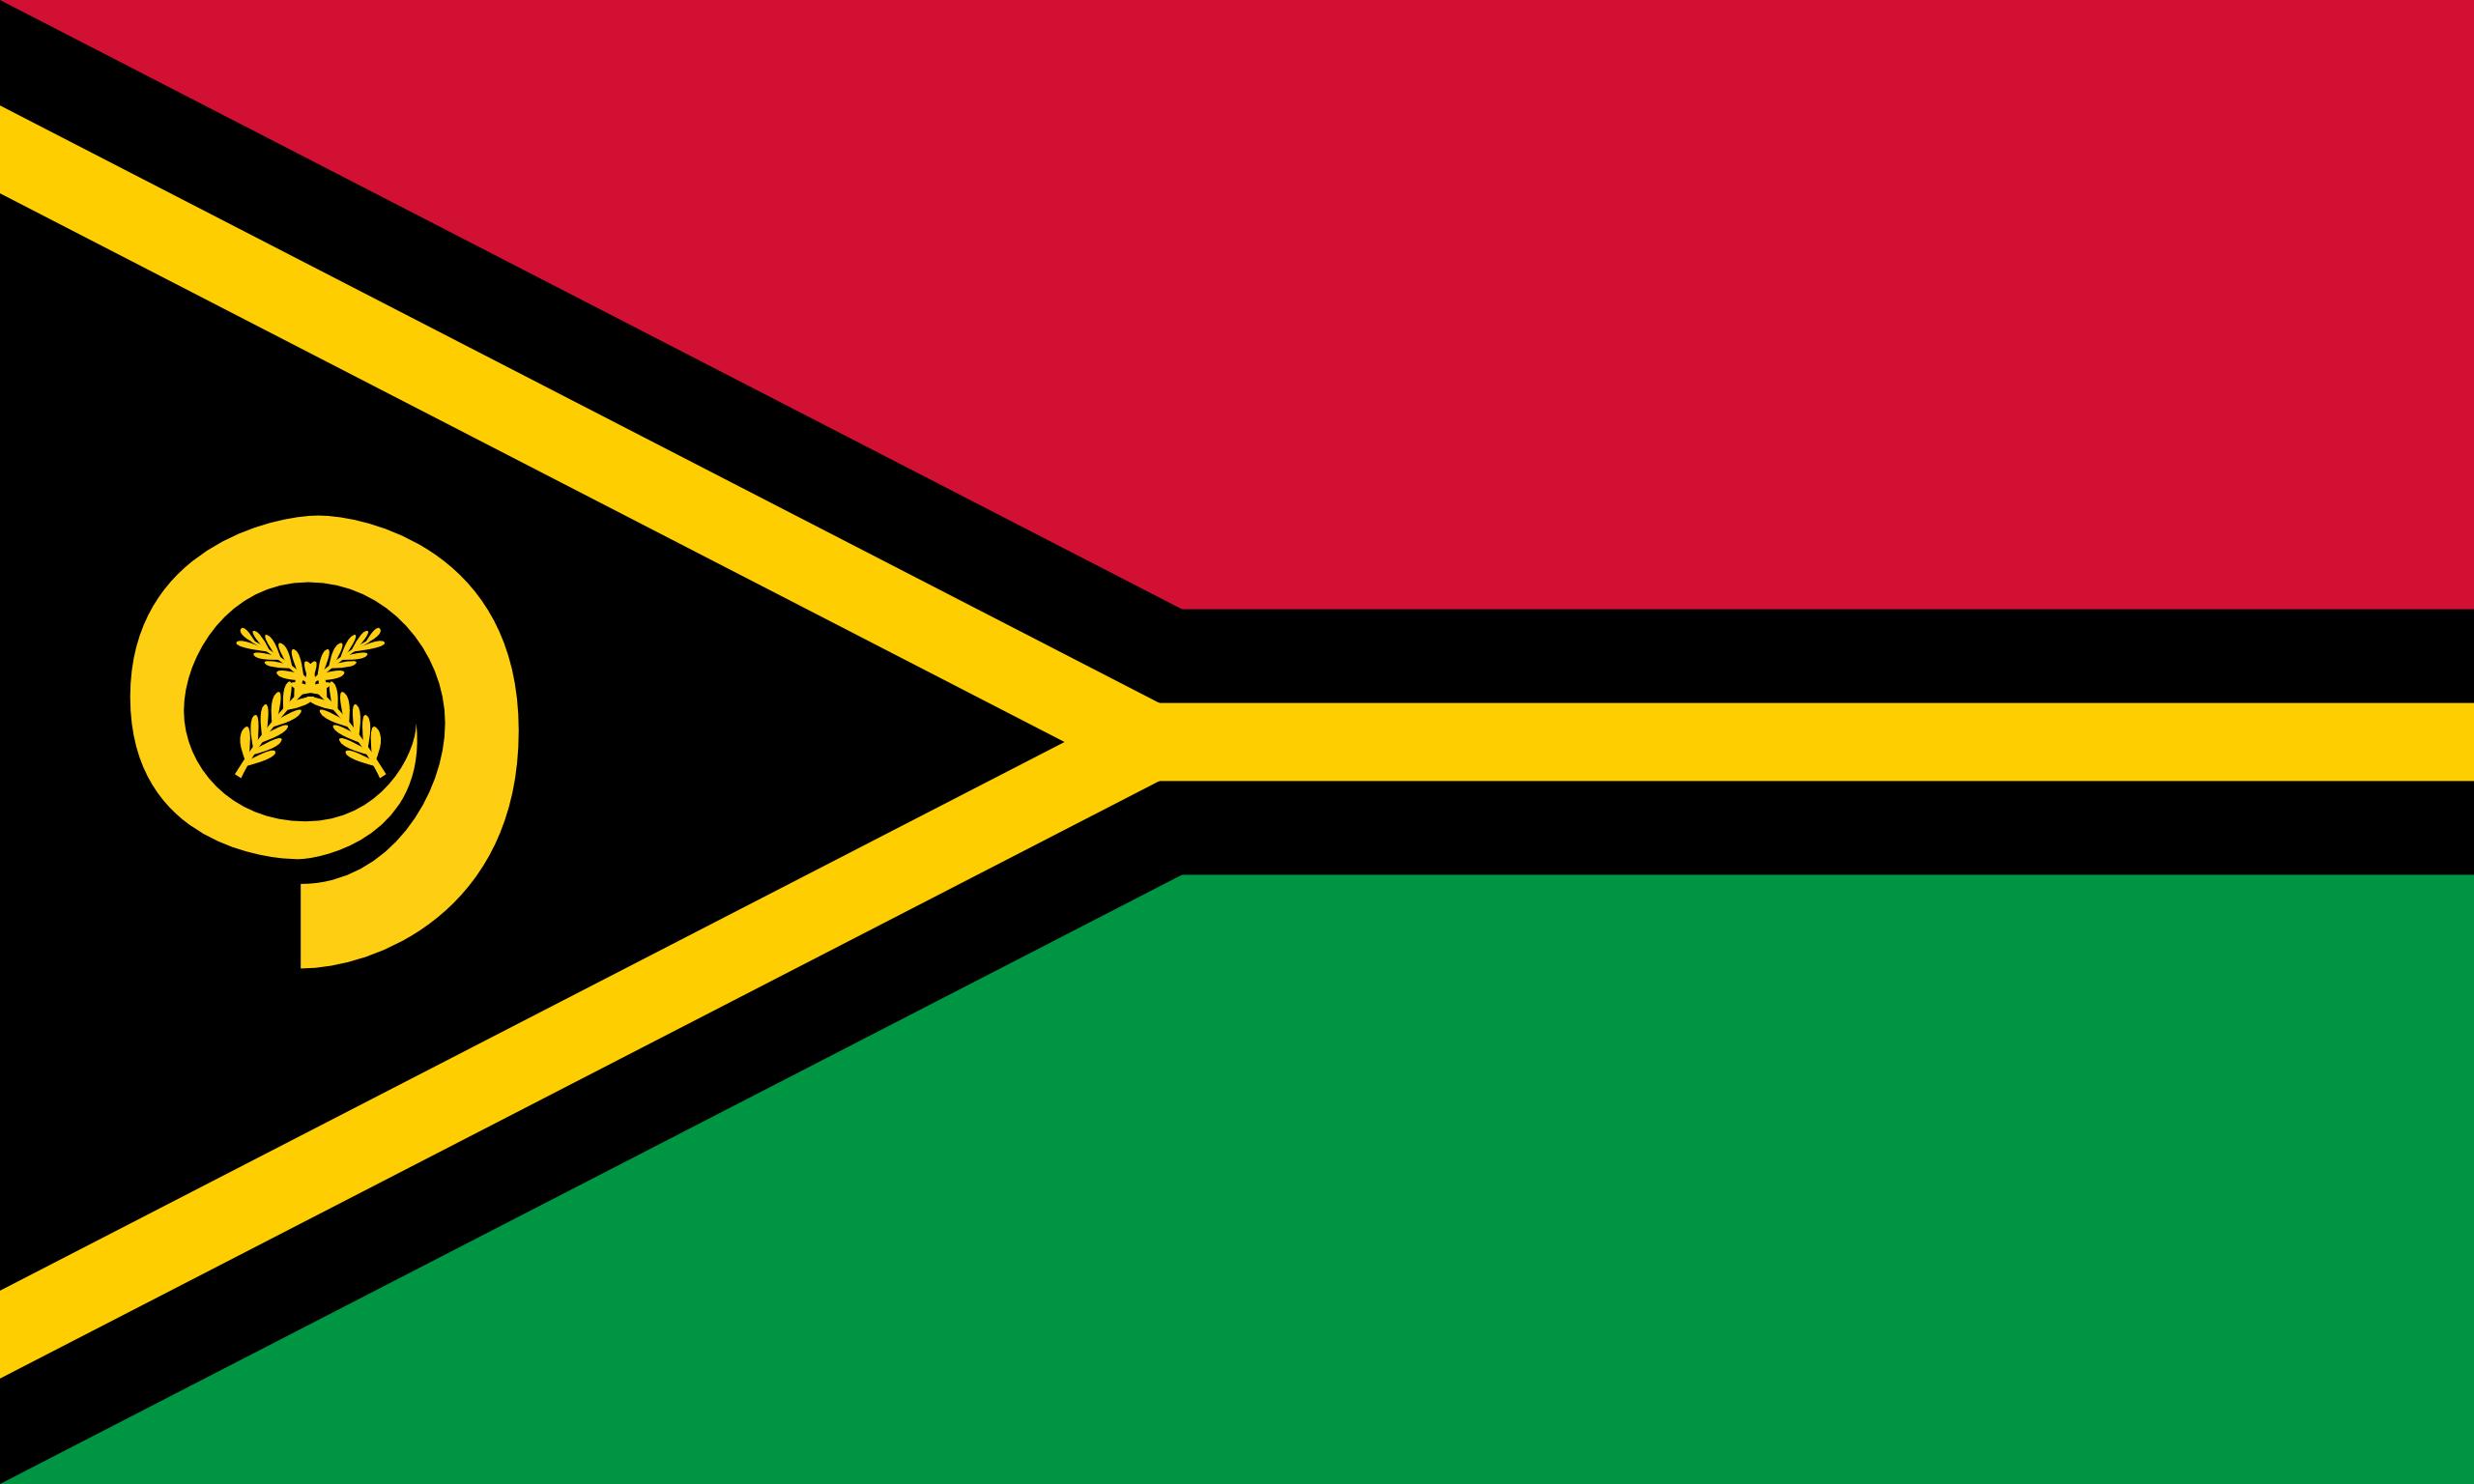 Vanuatu, pays, emblème, logo, symbole - Fonds d'écran HD - Professor-falken.com